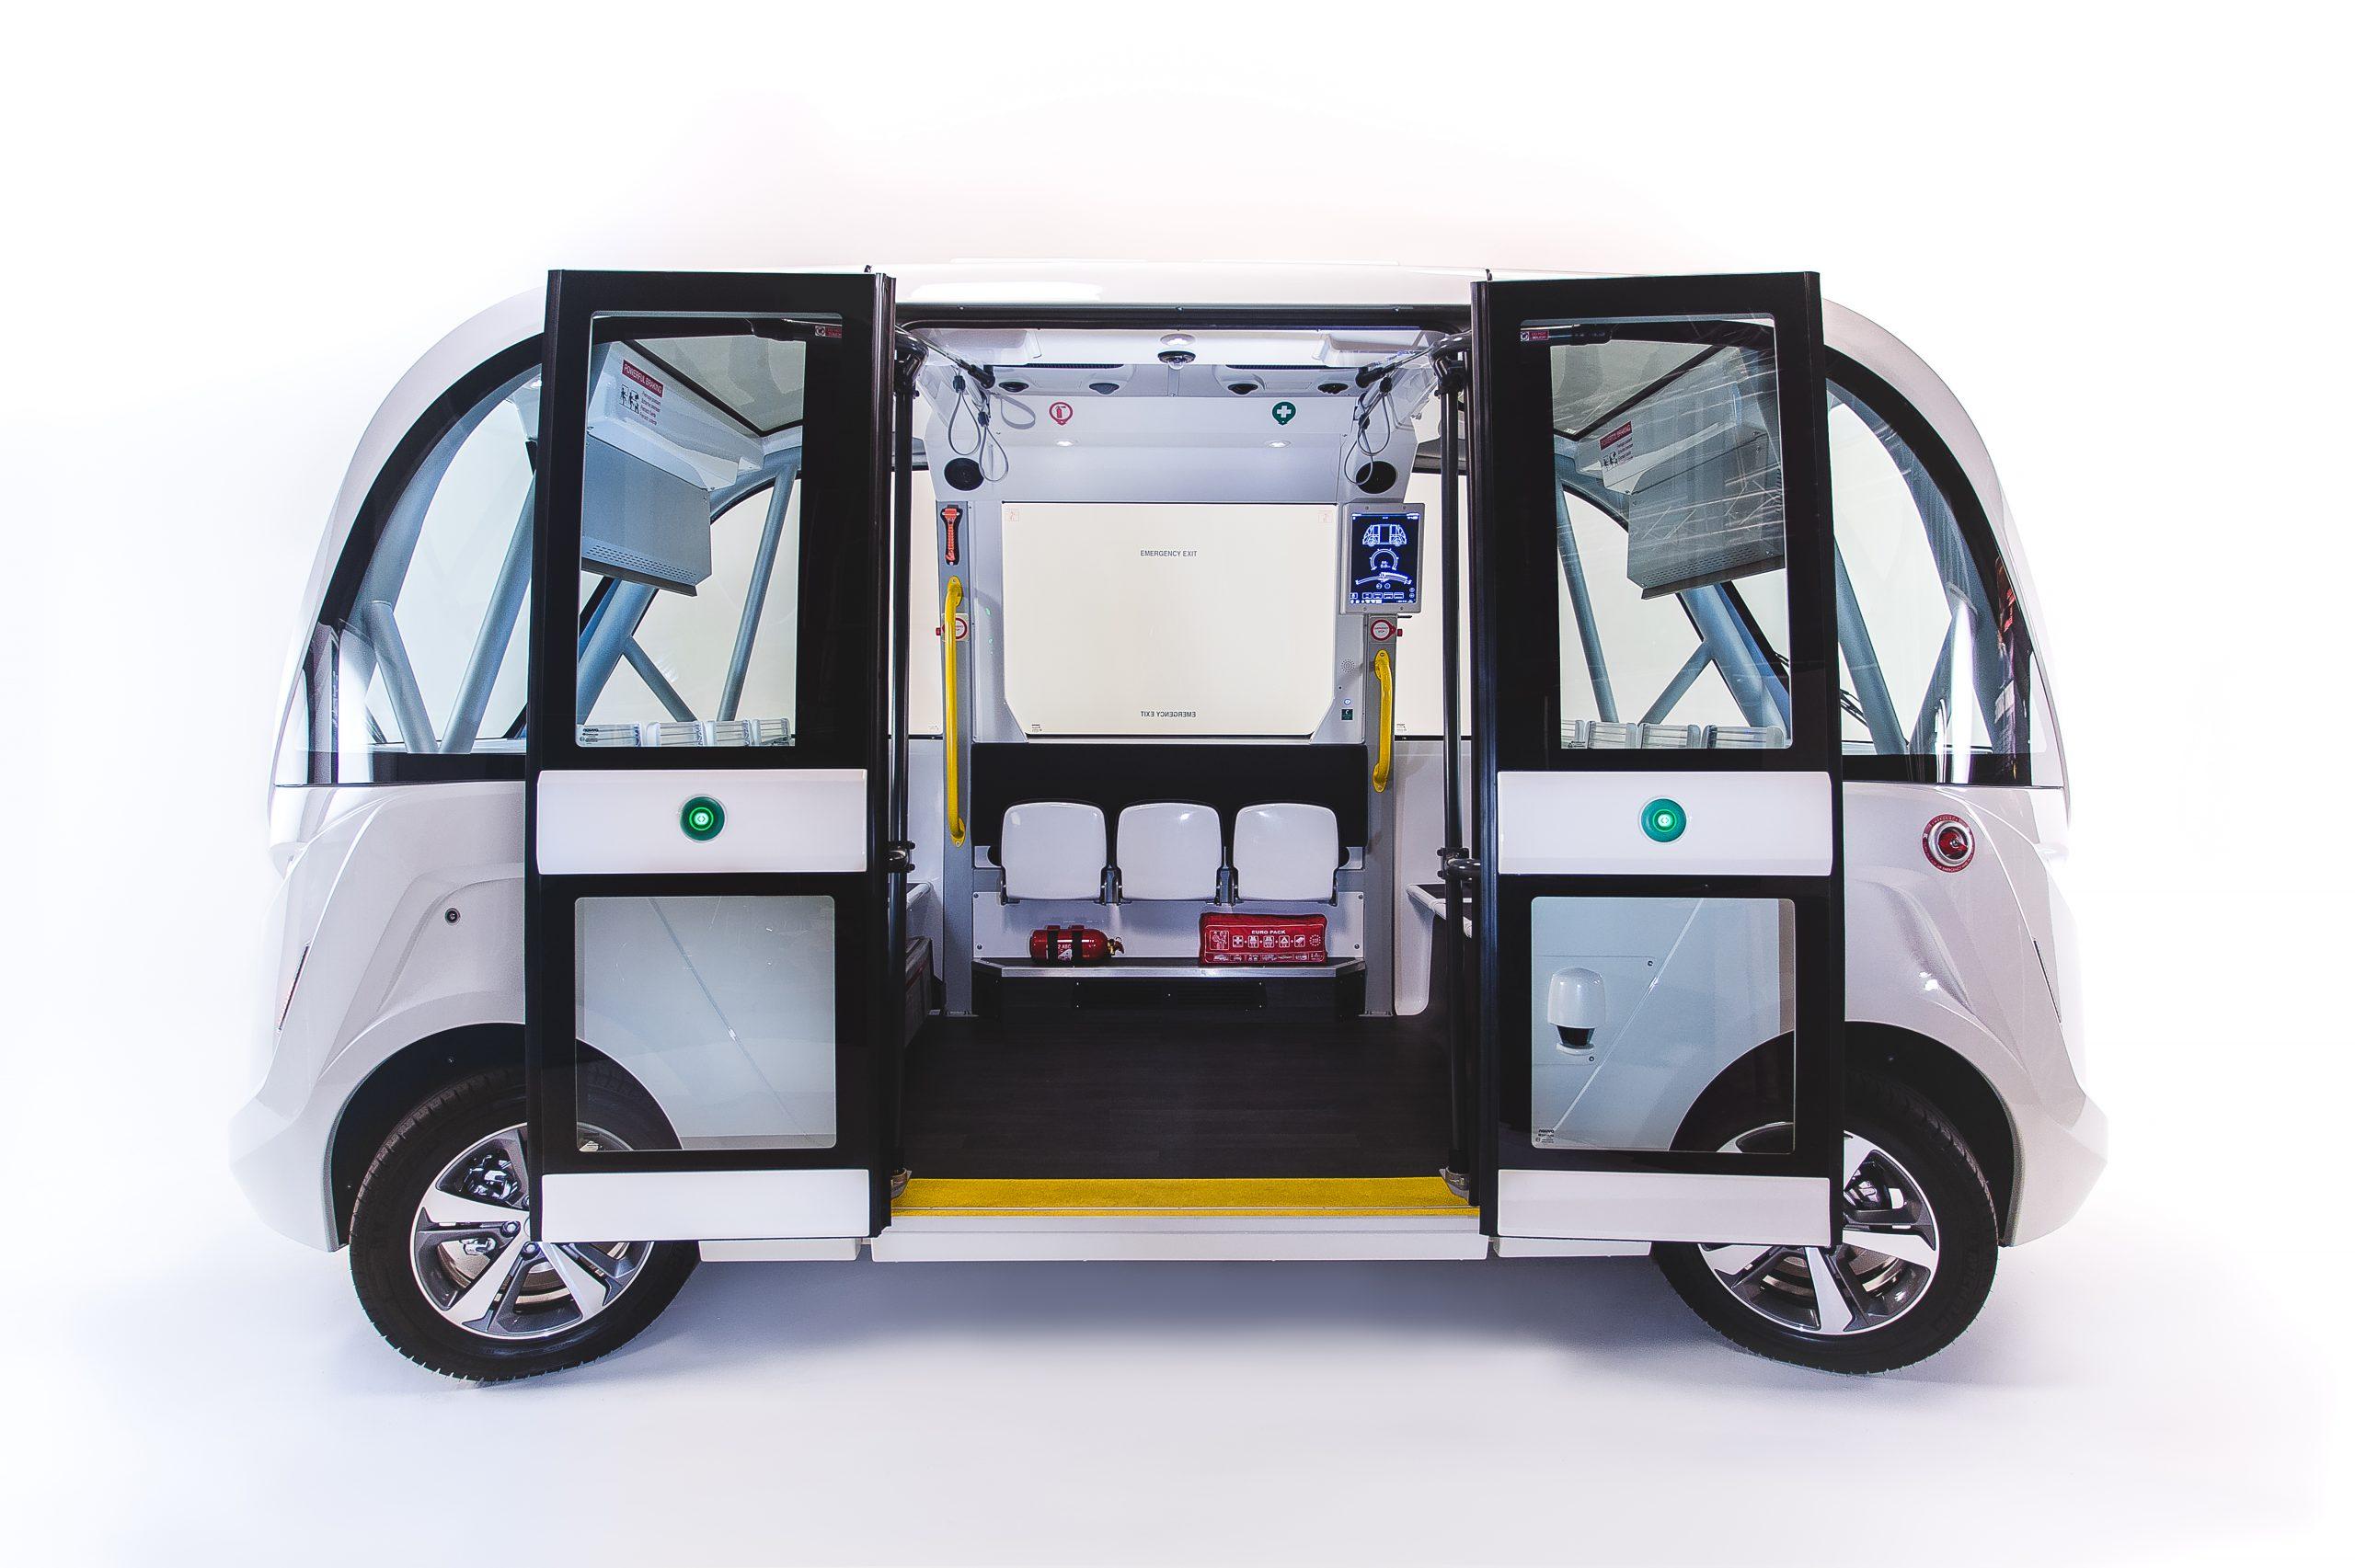 Autonome Busse - Seitenansicht und Innenansicht